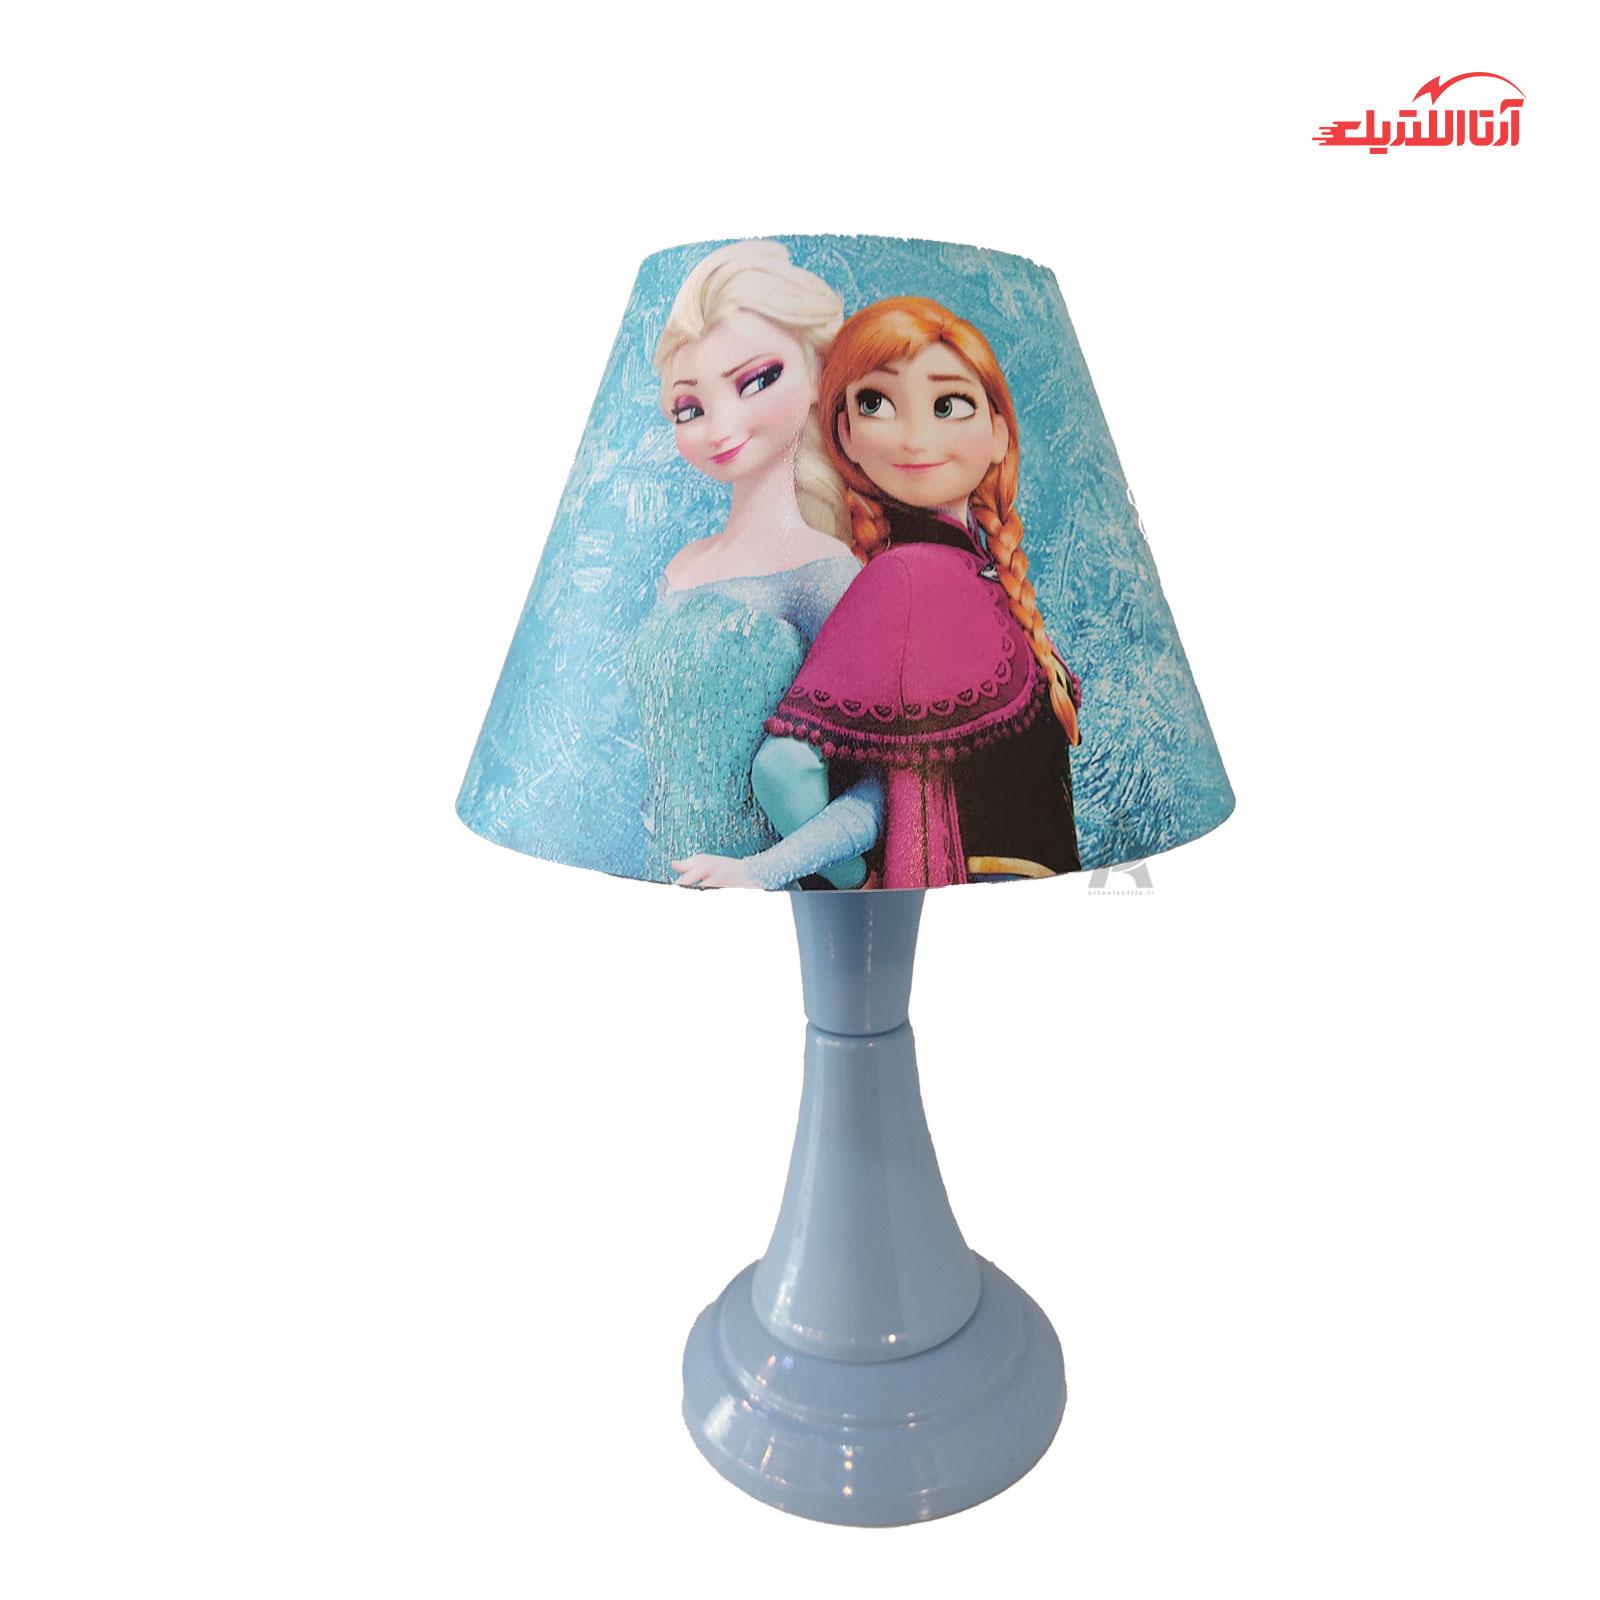 آباژور رومیزی مدل فروزن Frozen